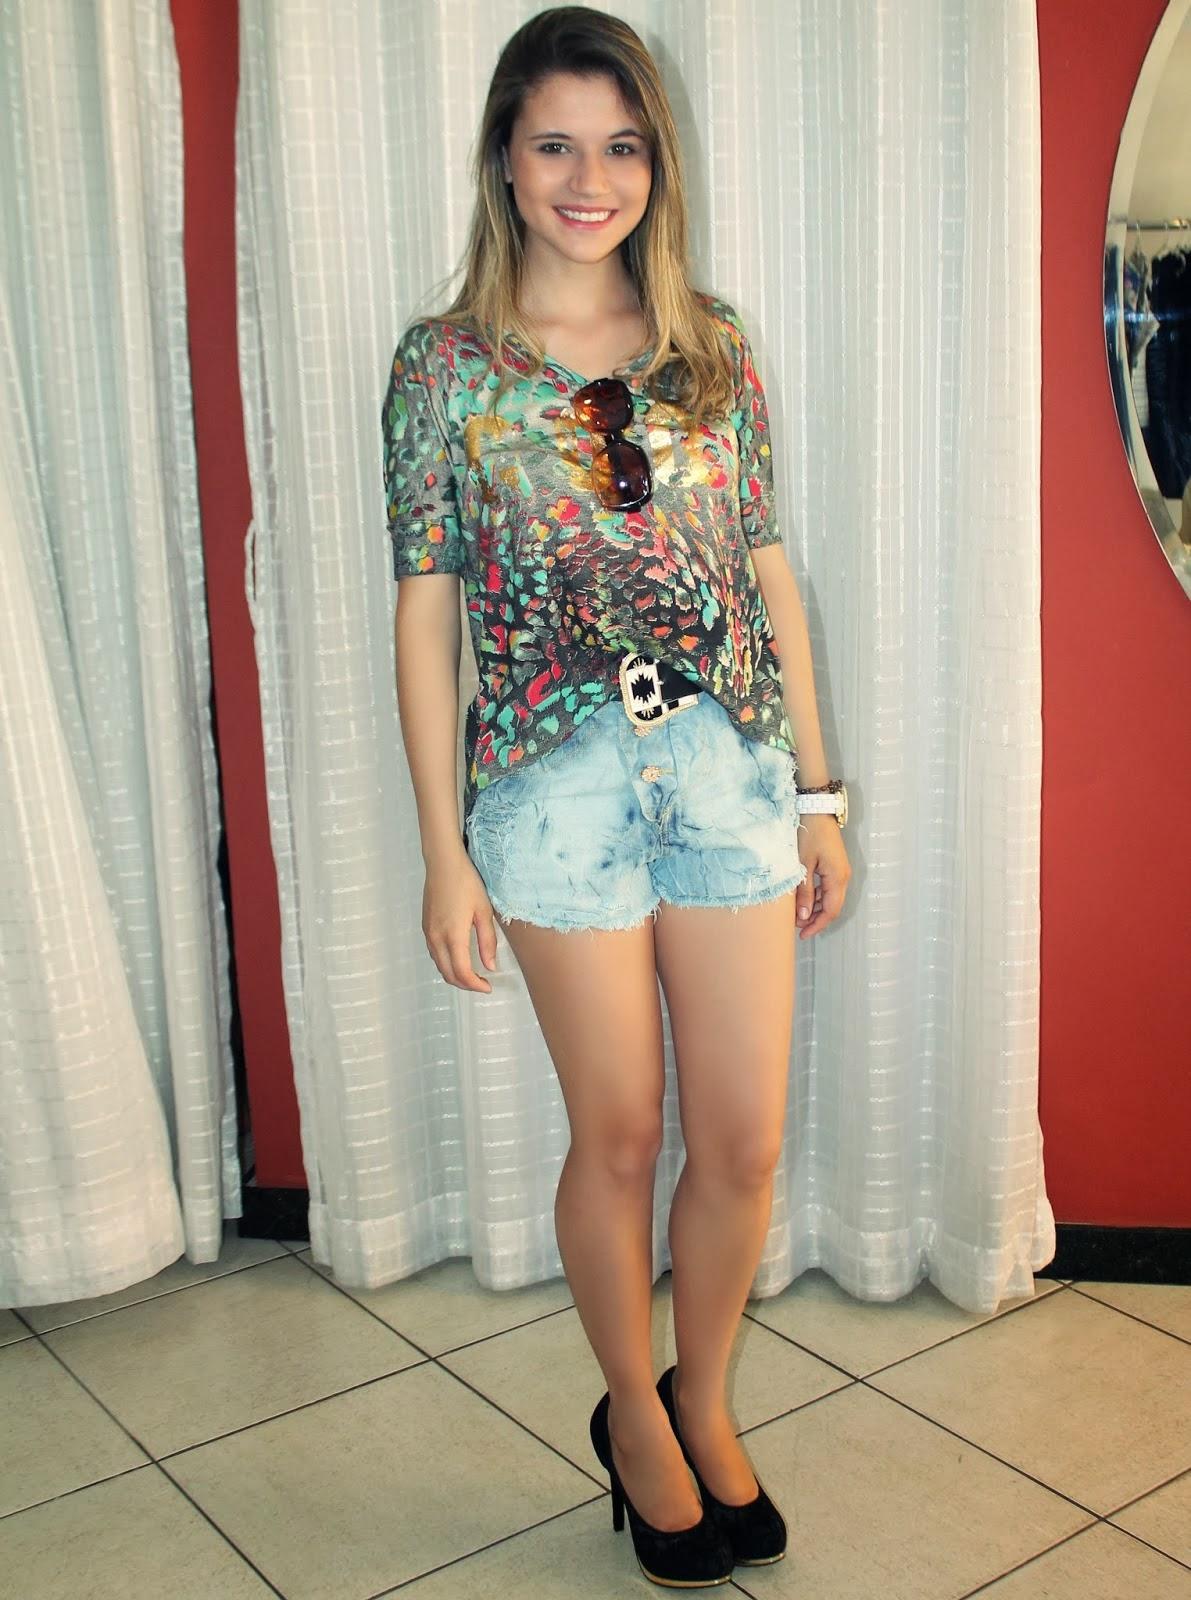 Lojas Renner - Moda Feminina, Masculina e Infantil - Lojas